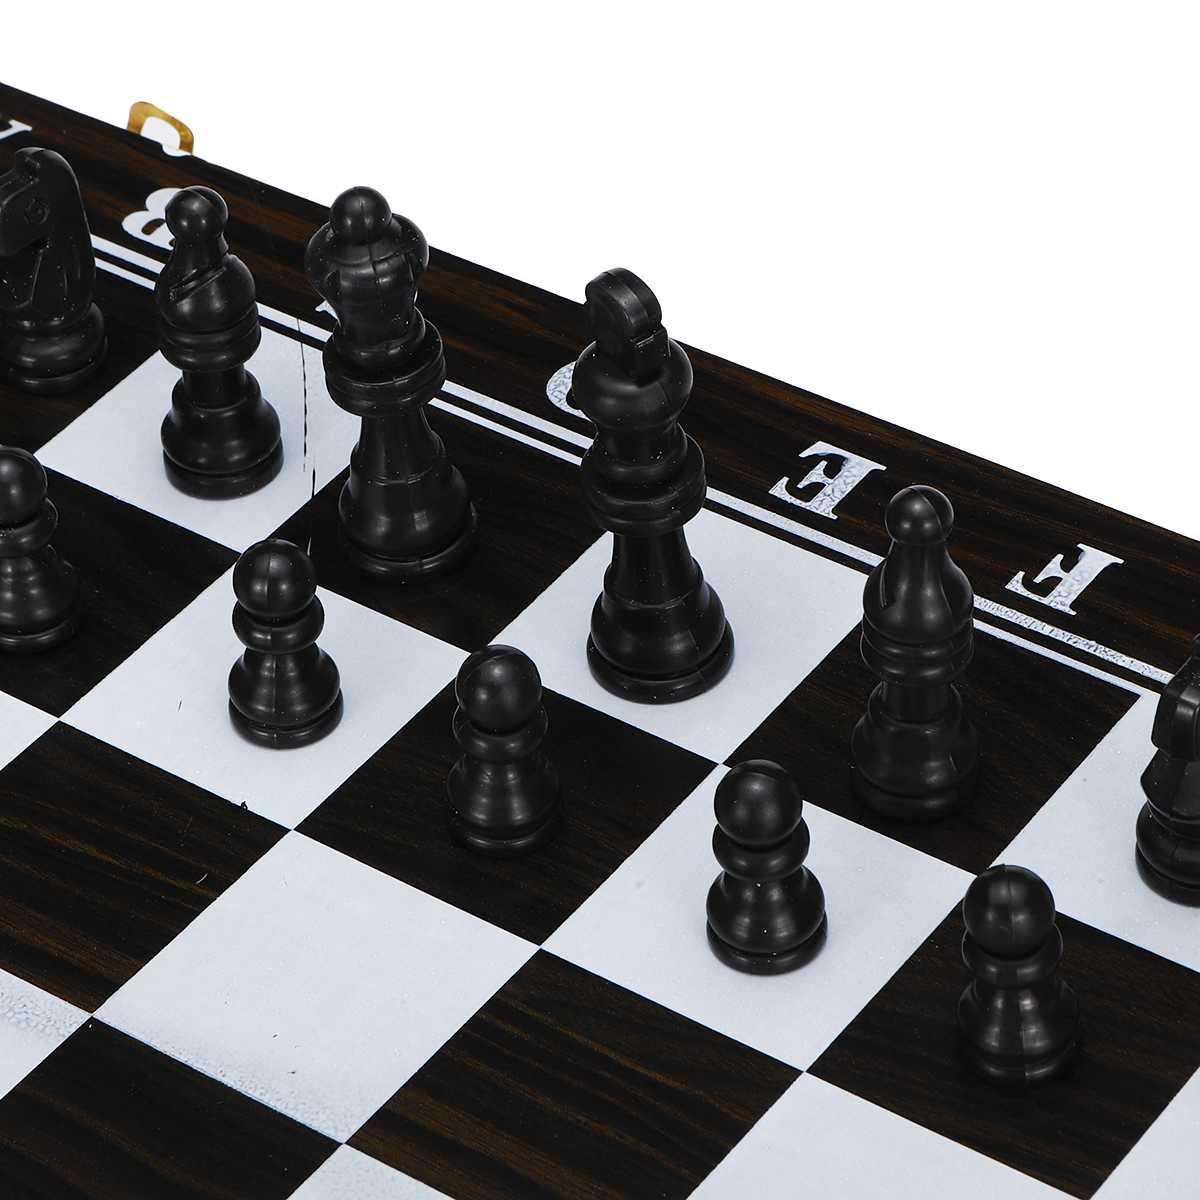 3 in1 jogo de xadrez de madeira